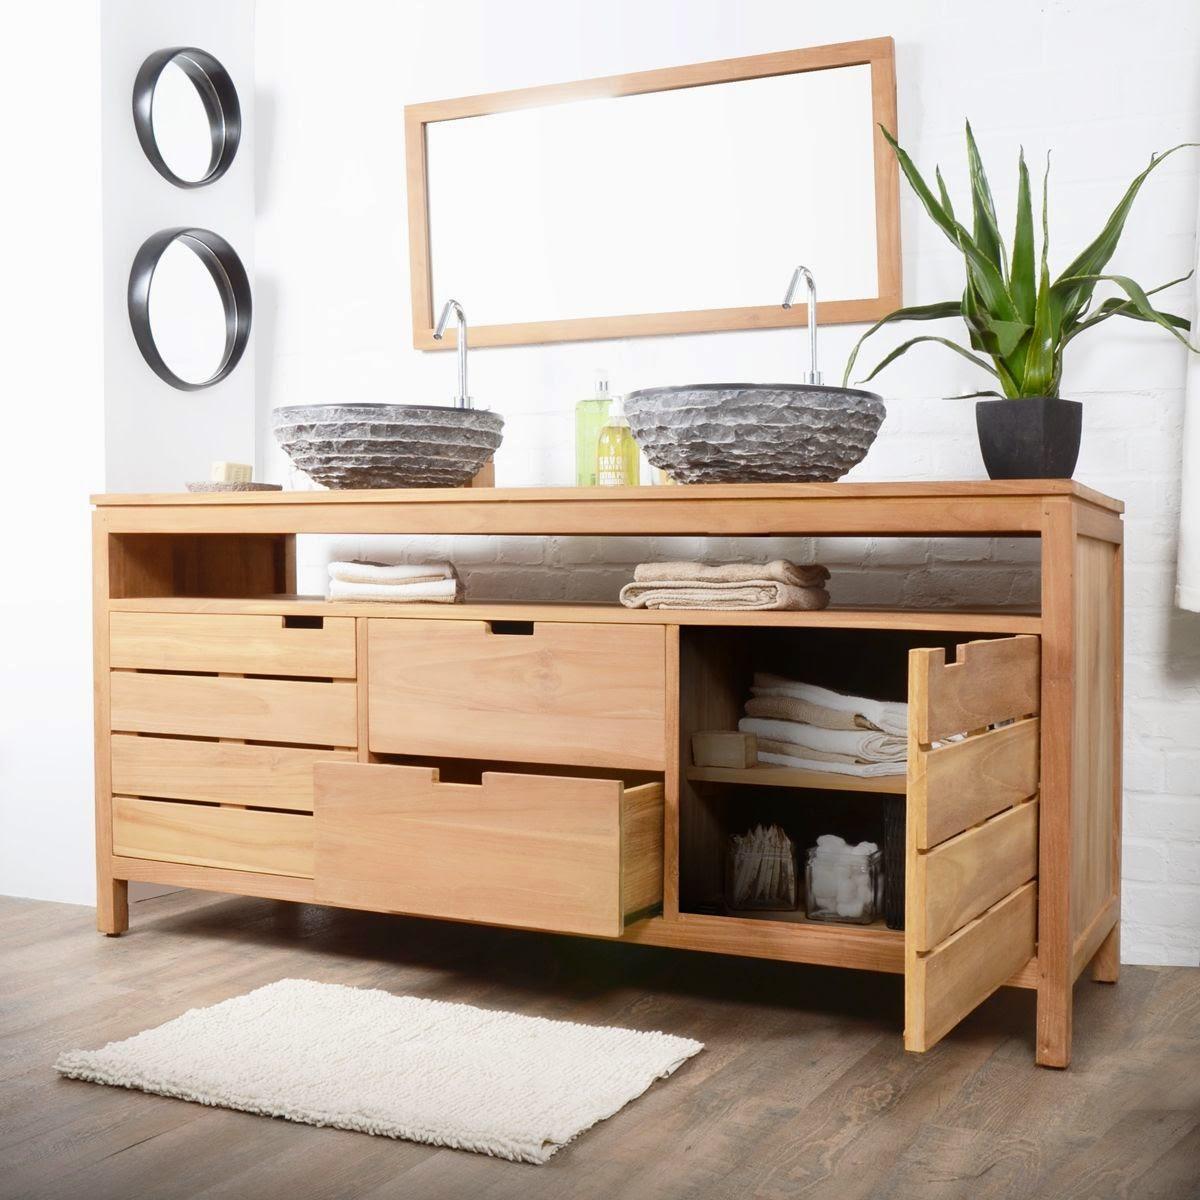 Meuble de salle de bain en bois meuble d coration maison - Meuble de decoration ...